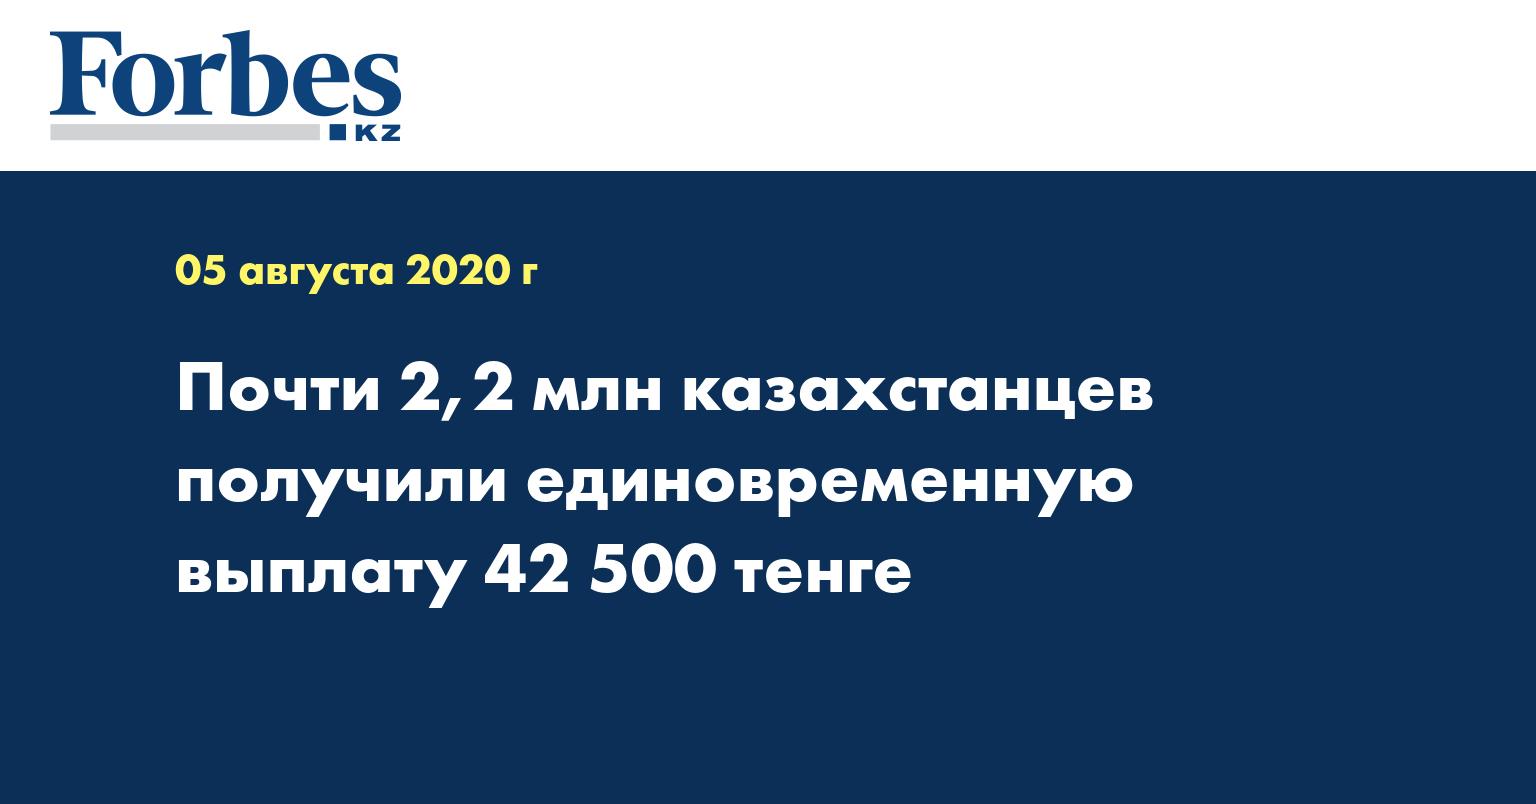 Почти 2,2 млн казахстанцев получили единовременную выплату 42 500 тенге